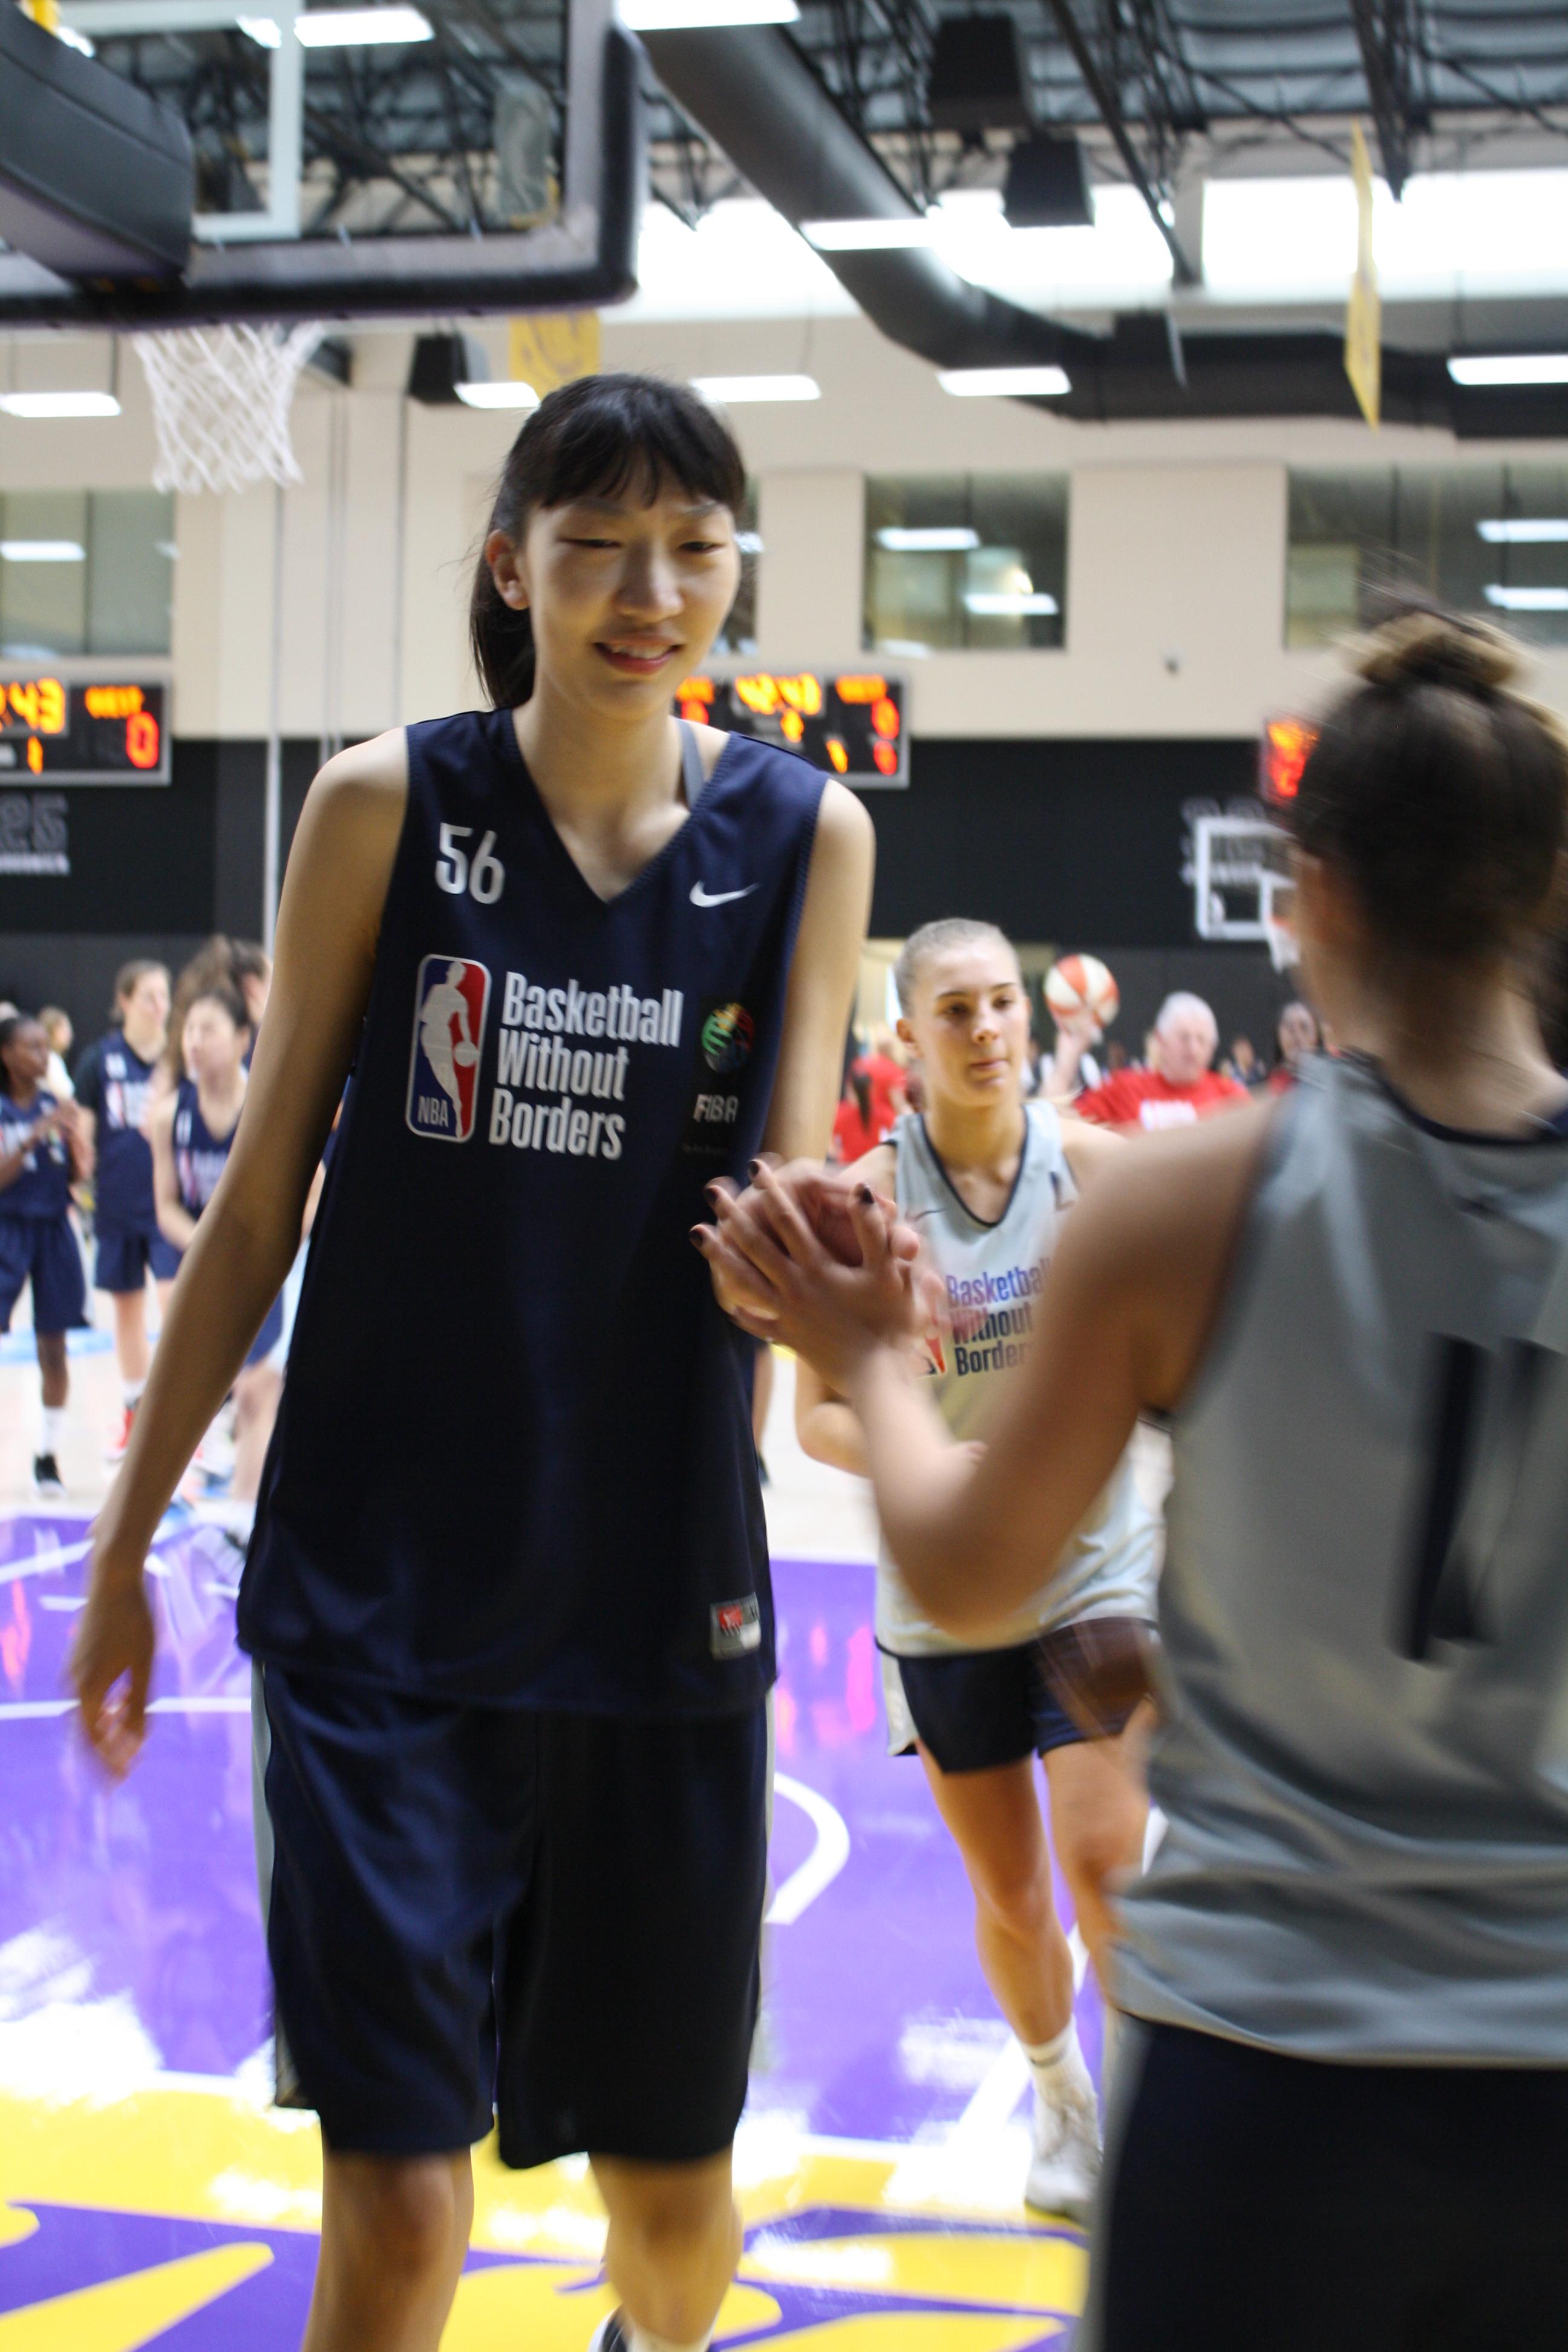 篮球无疆界:大力发展青少年篮球的背后,是NBA覆盖全球的触角